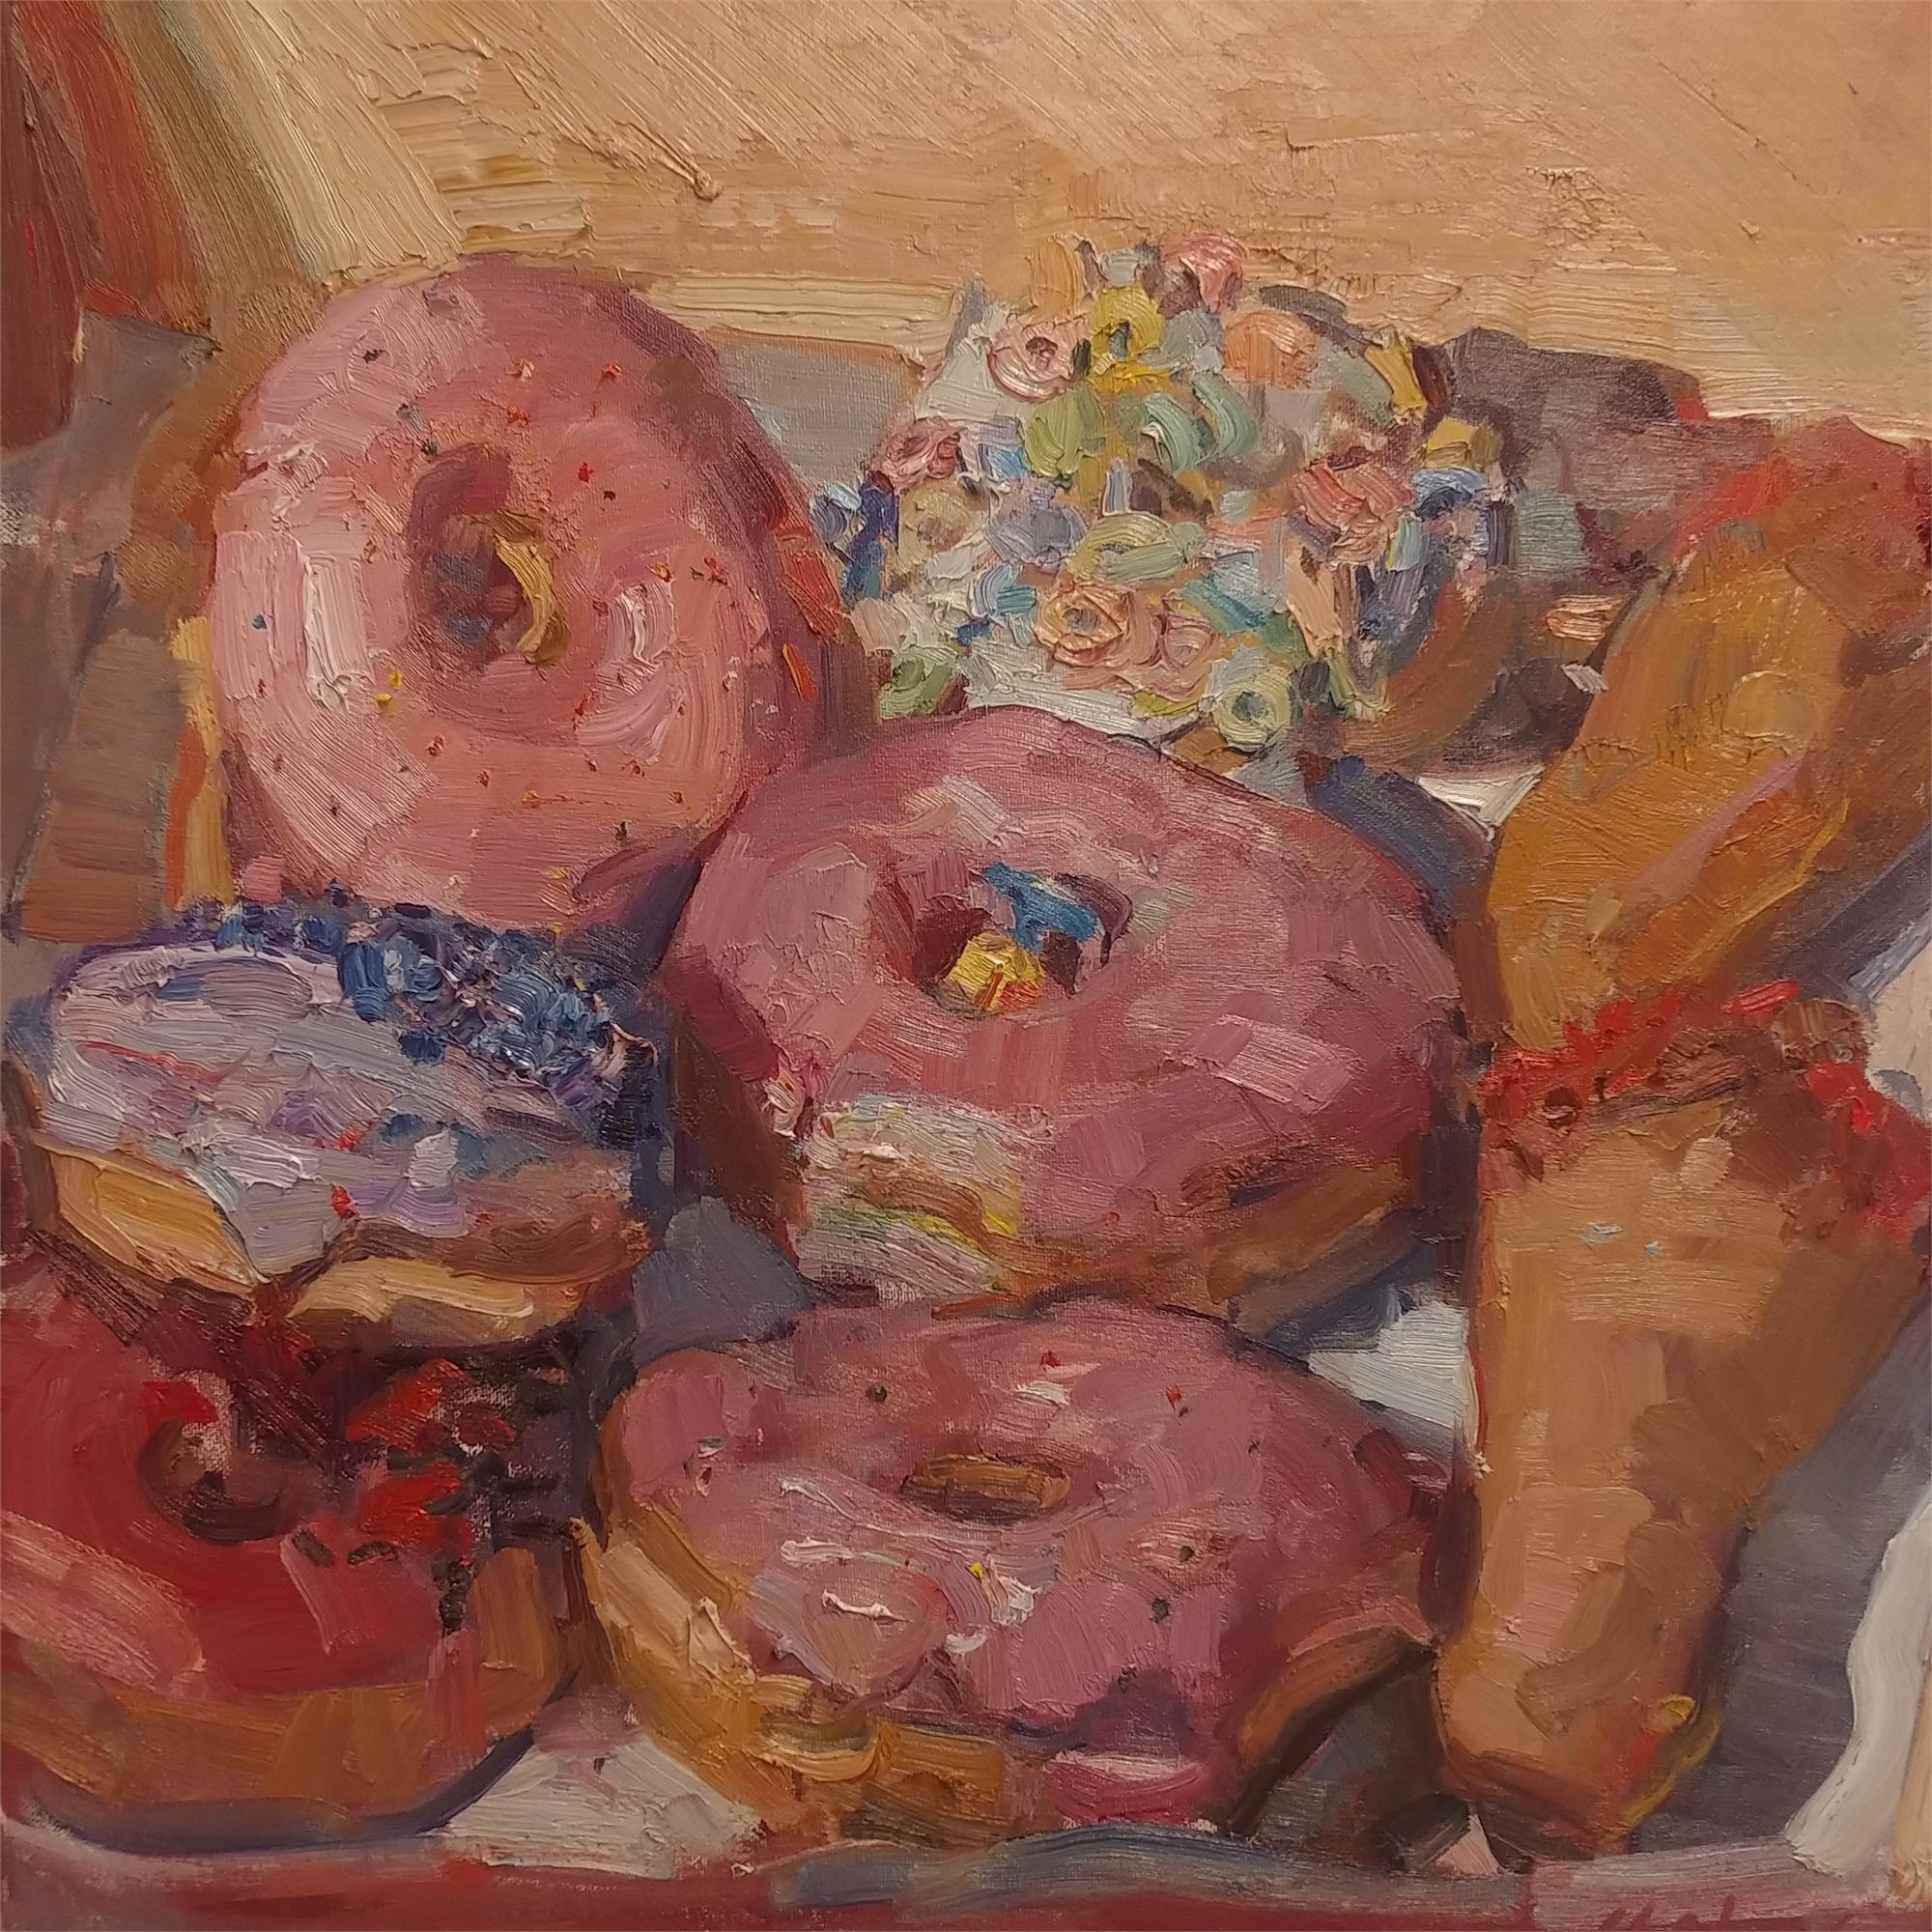 Sugar Decadence by Mikael Olson